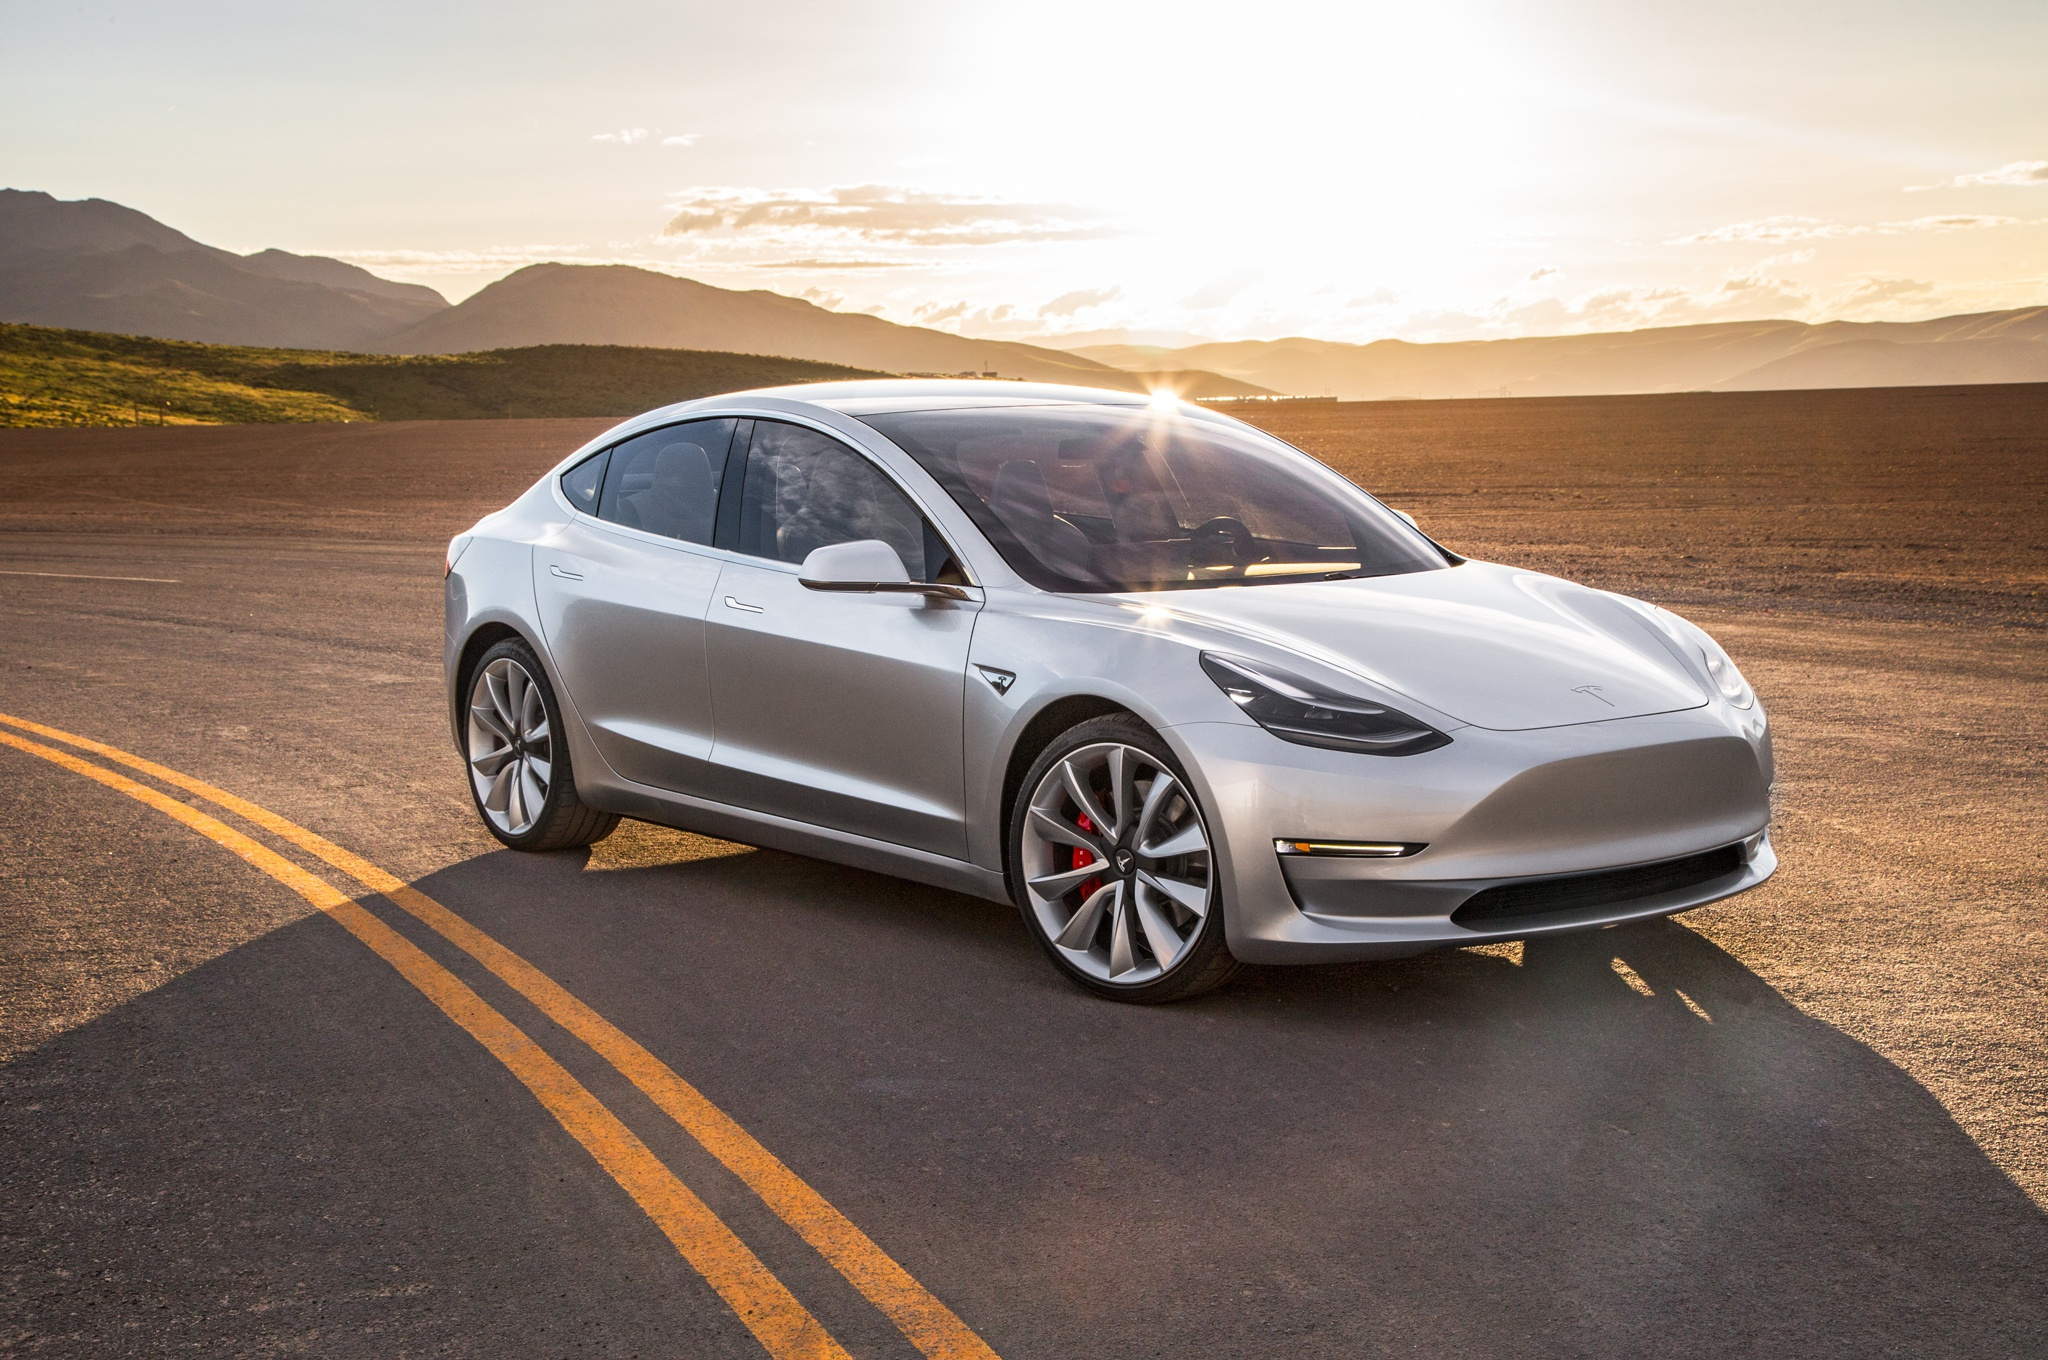 Tesla Model 3 là mẫu xe được tìm kiếm nhiều nhất trên YouTube